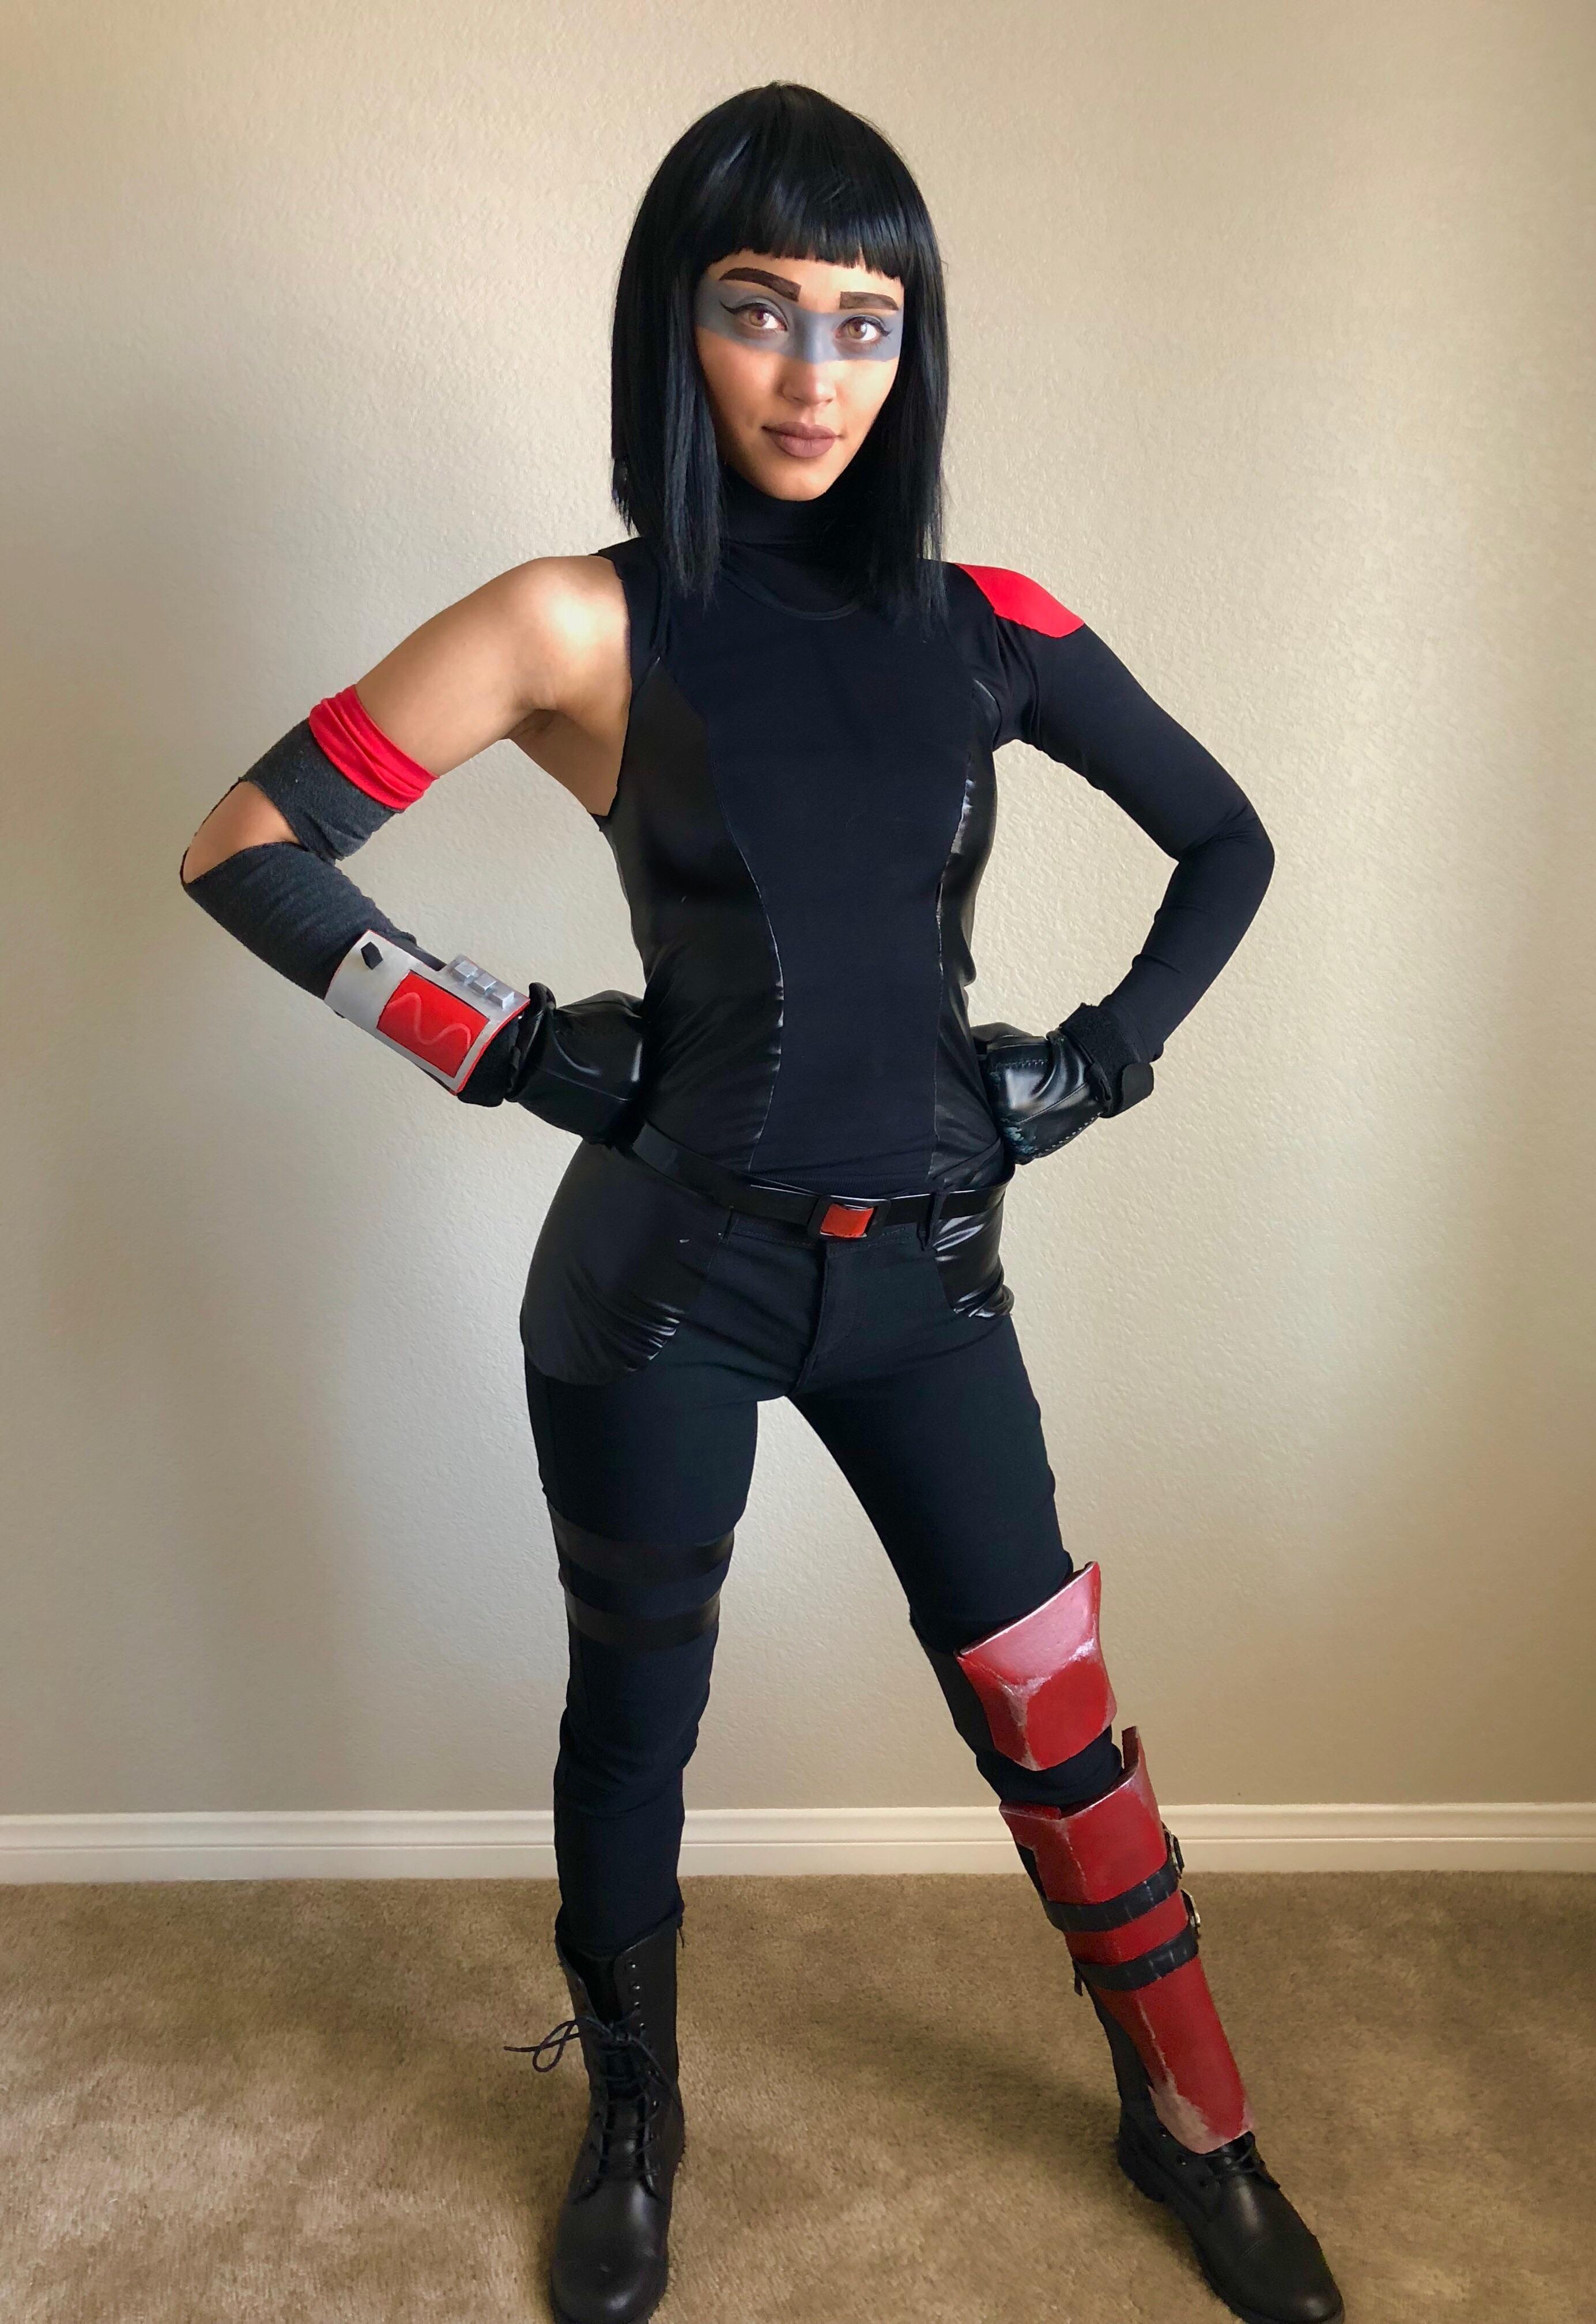 Shadow Ops cosplay I made! @kawaiiwaiku | Fortnite cosplay ...